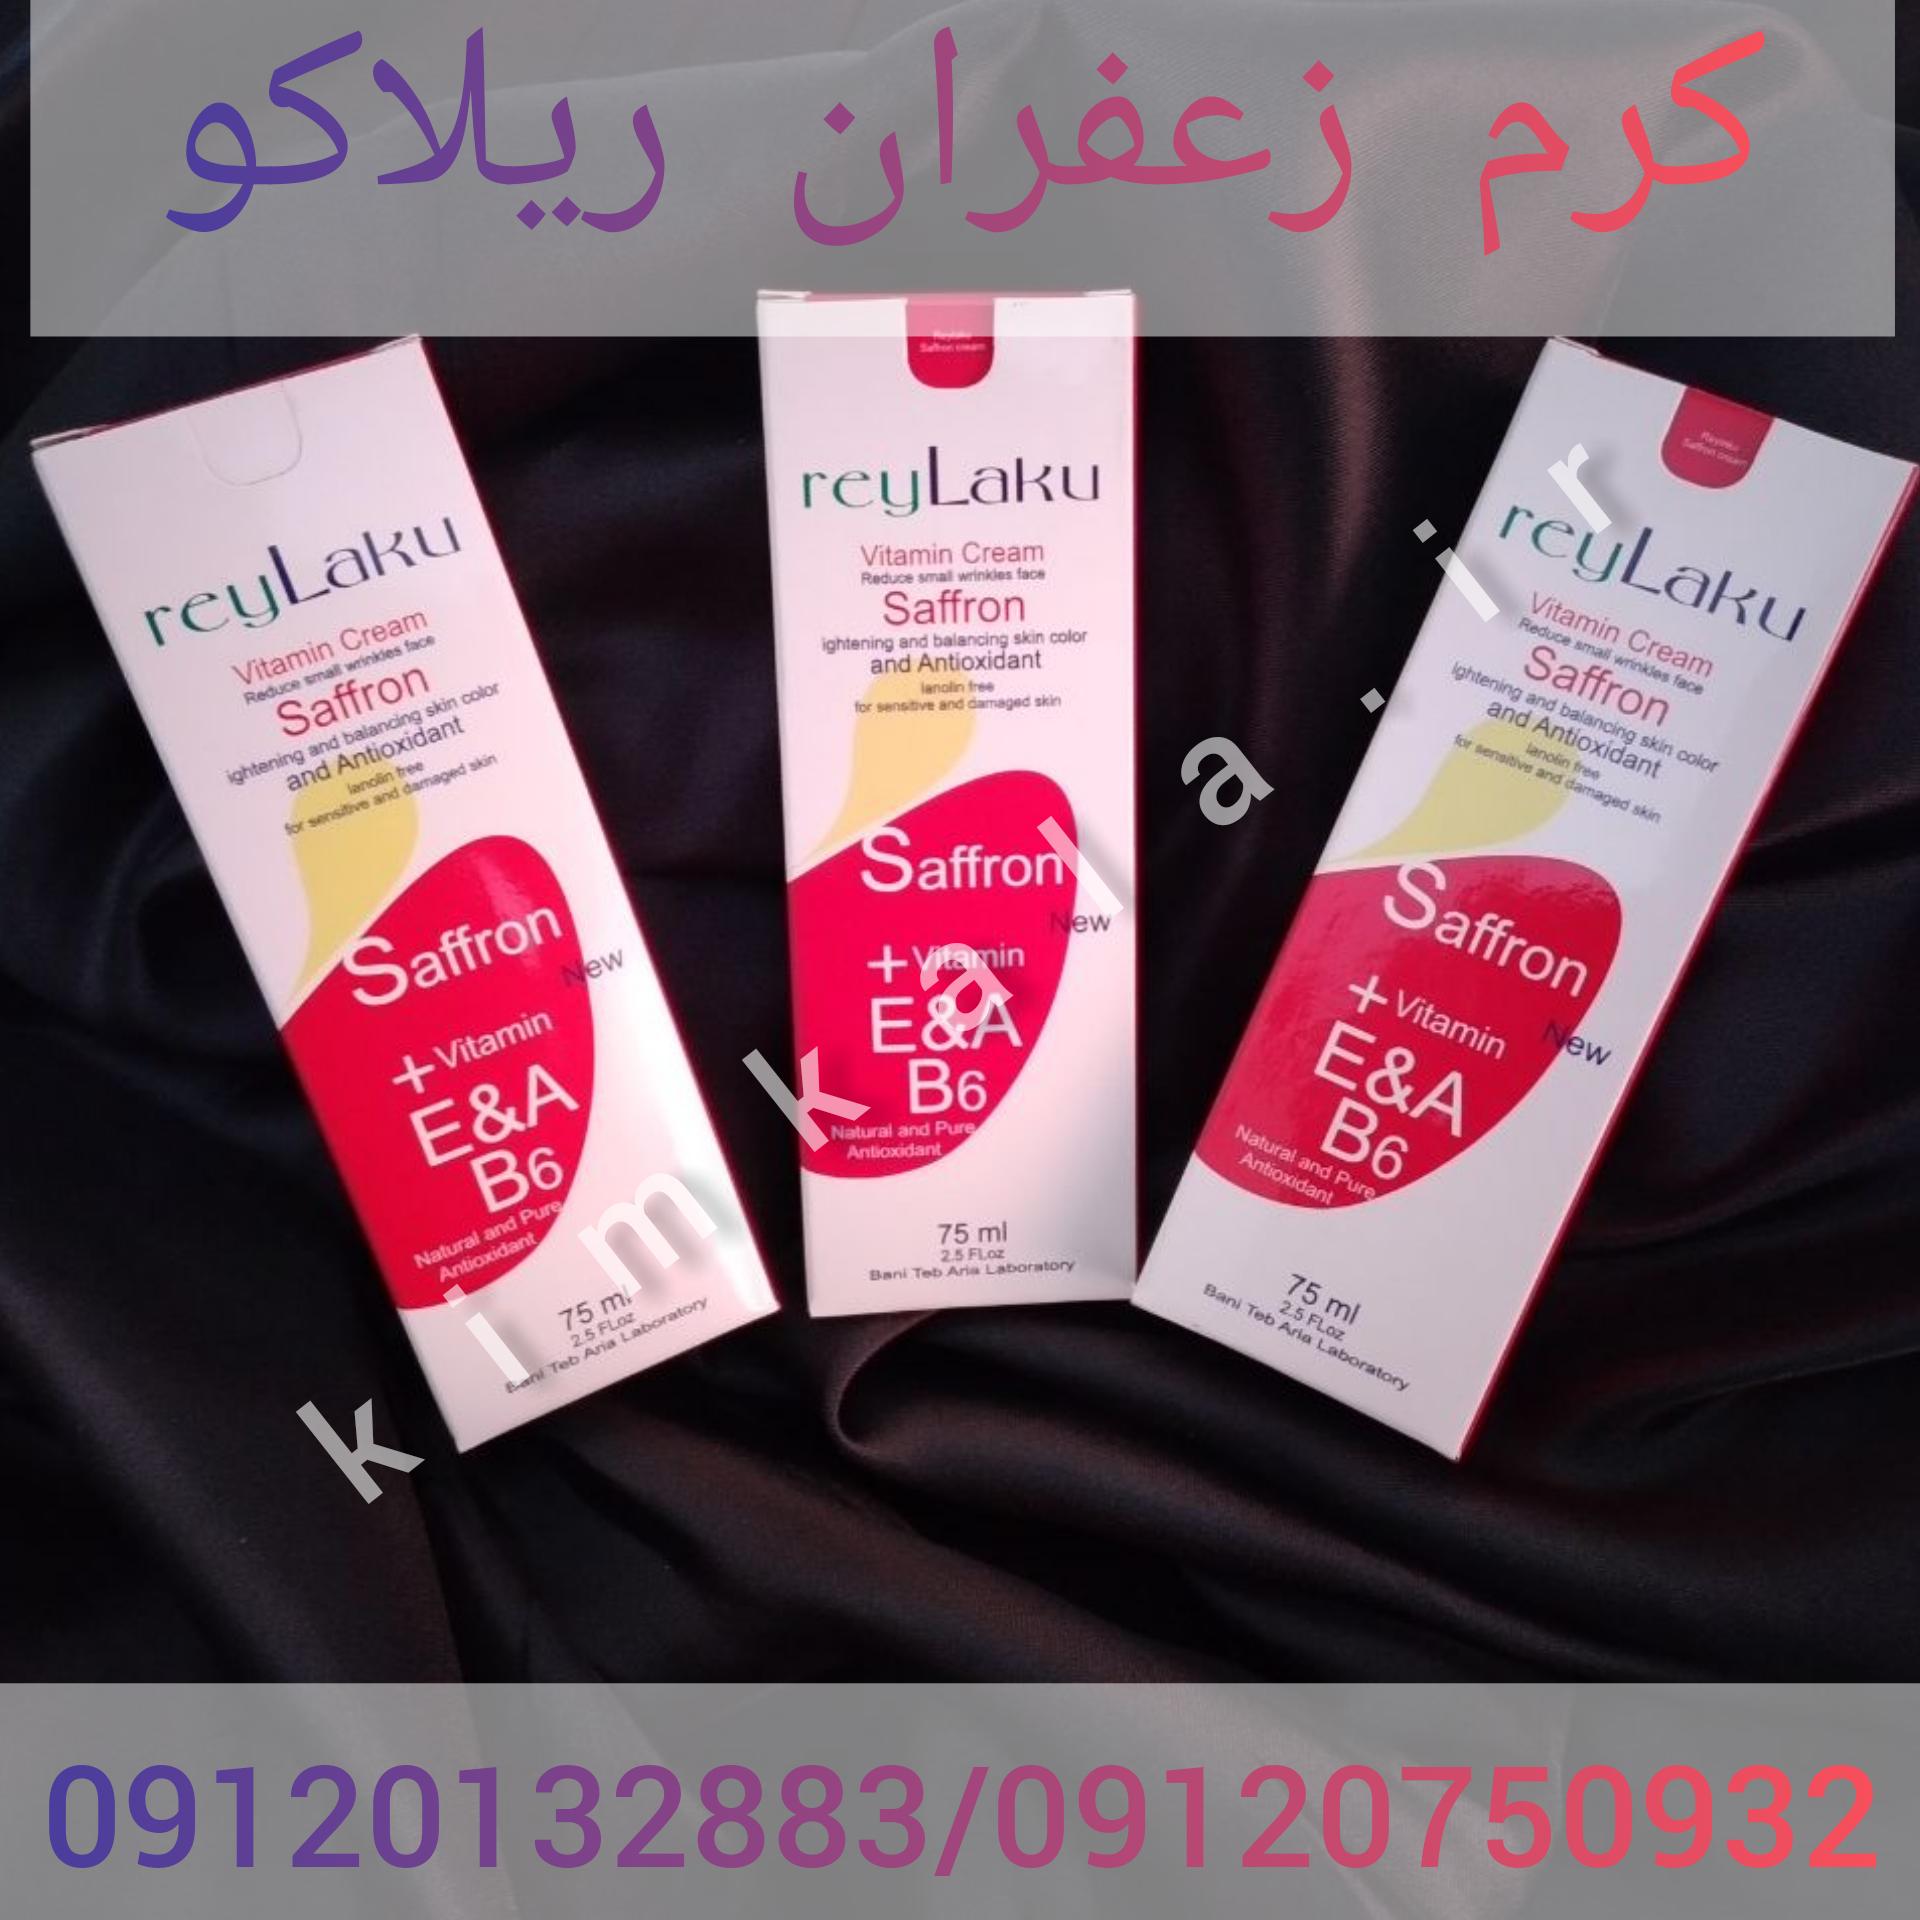 کرم زعفران ریلاکو/09120132883/قیمت کرم زعفران